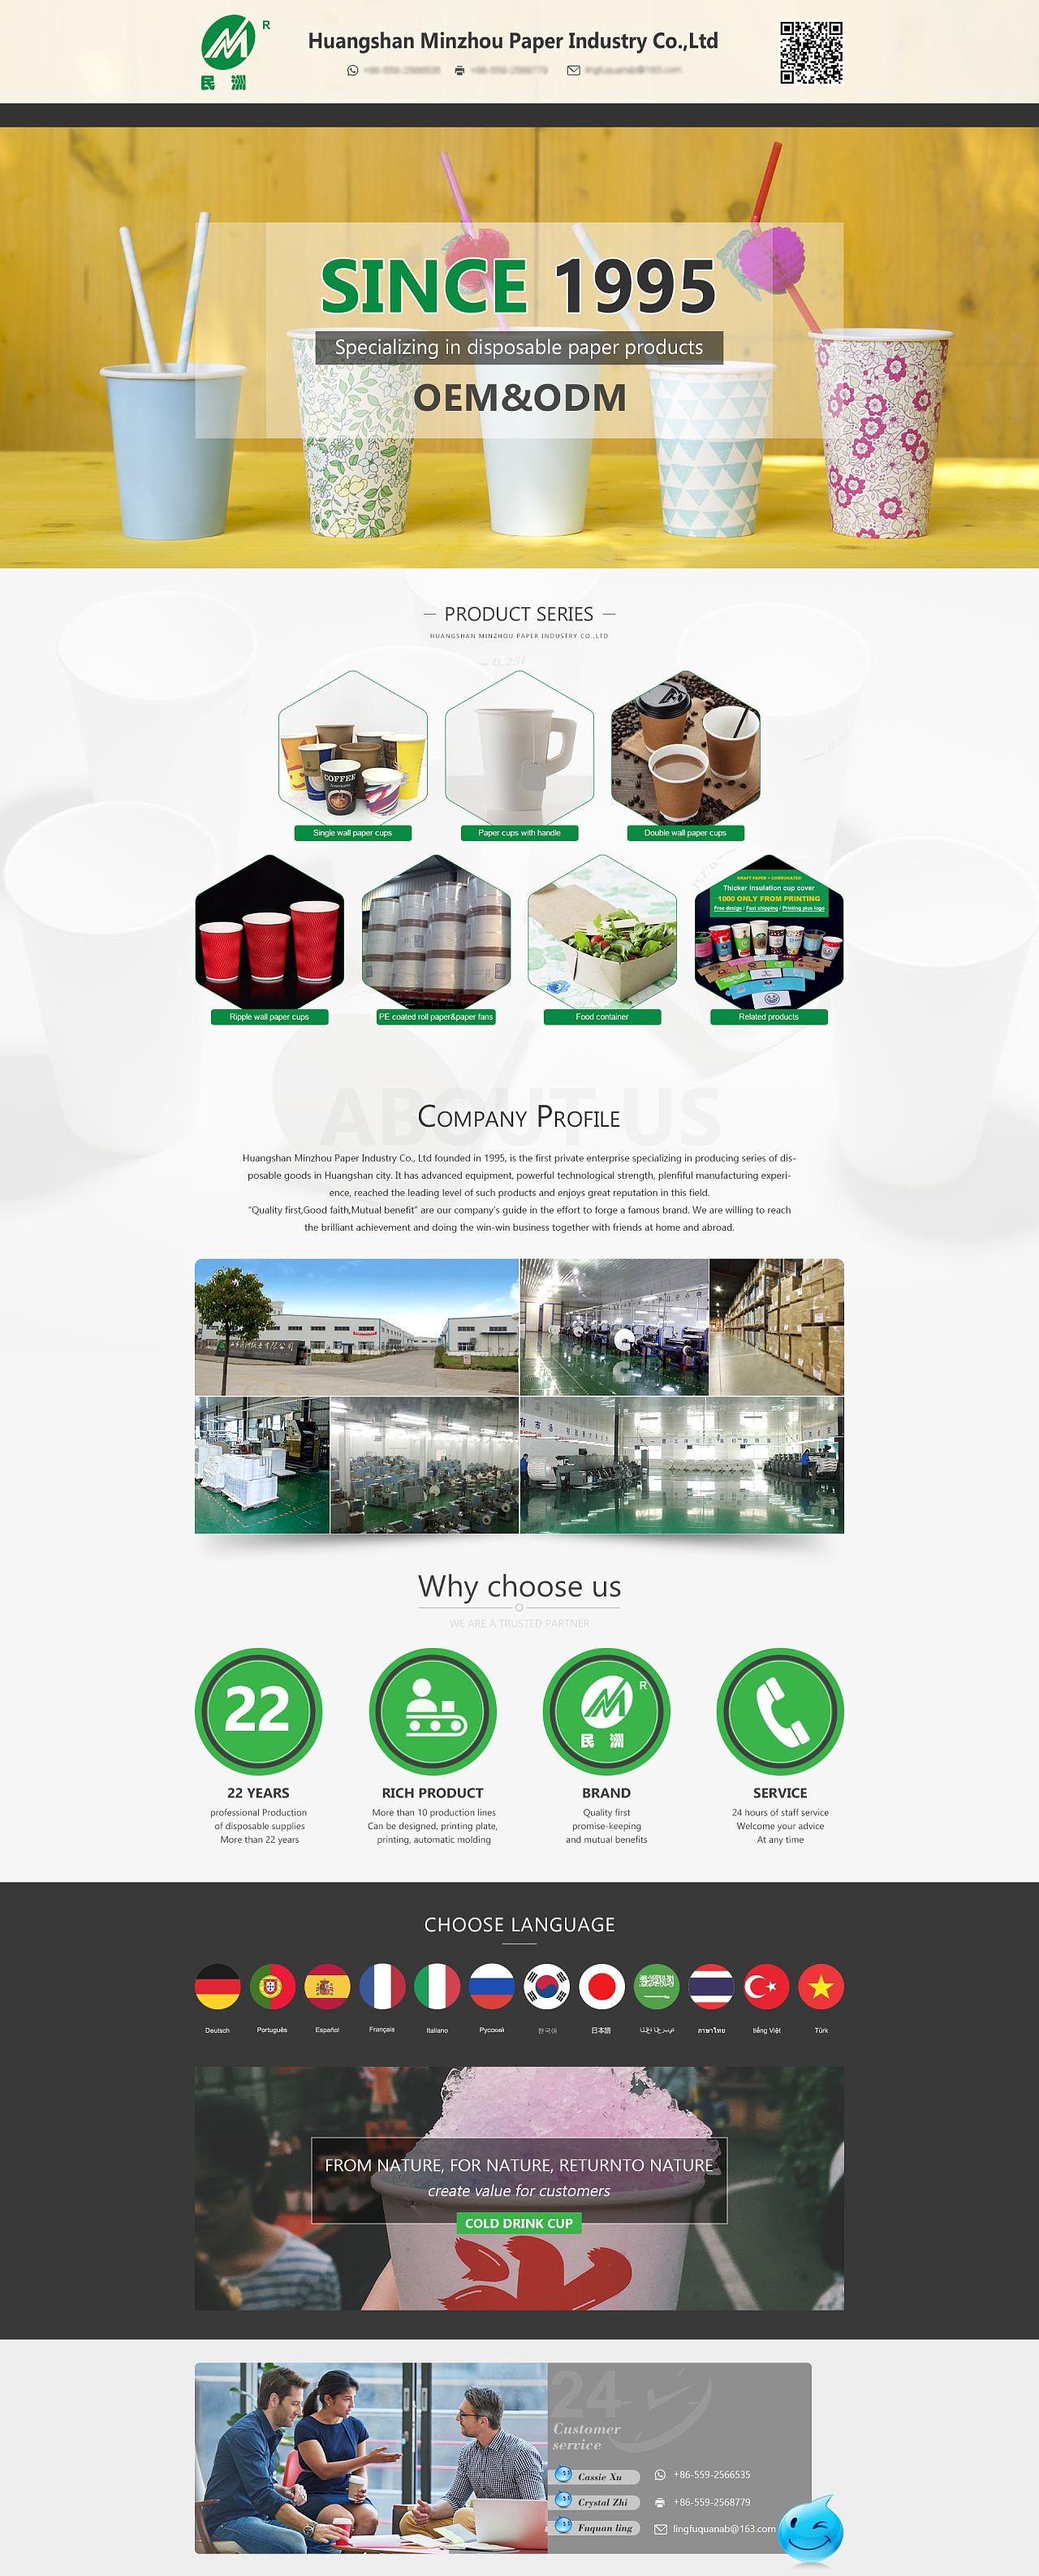 里巴巴旺铺_纸杯阿里巴巴国际站旺铺|网页|电商|蜗牛一次方-原创作品-站